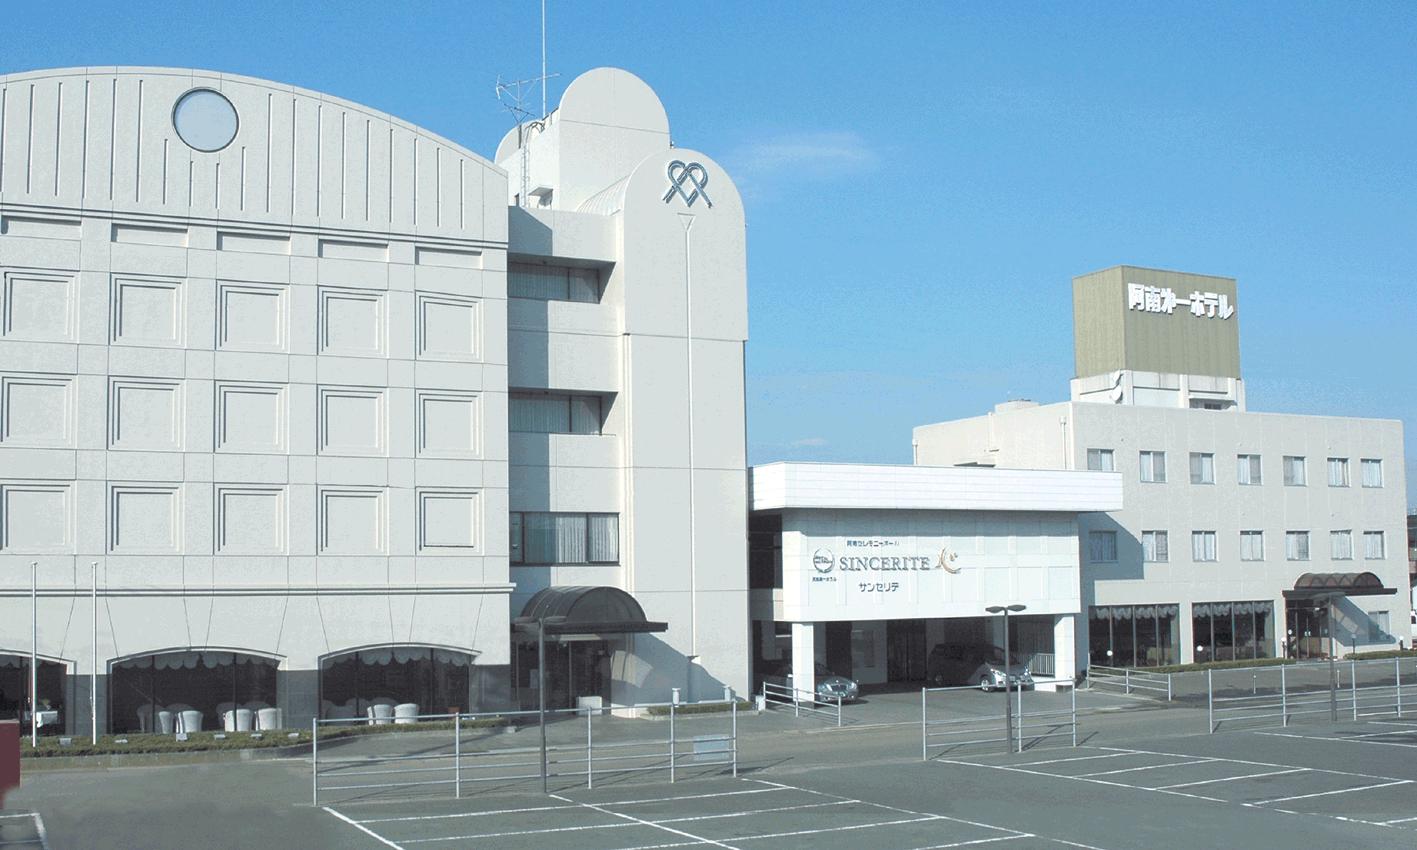 (阿南第一ホテル・阿南セレモニーホール サンセリテ)株式会社 西田企画